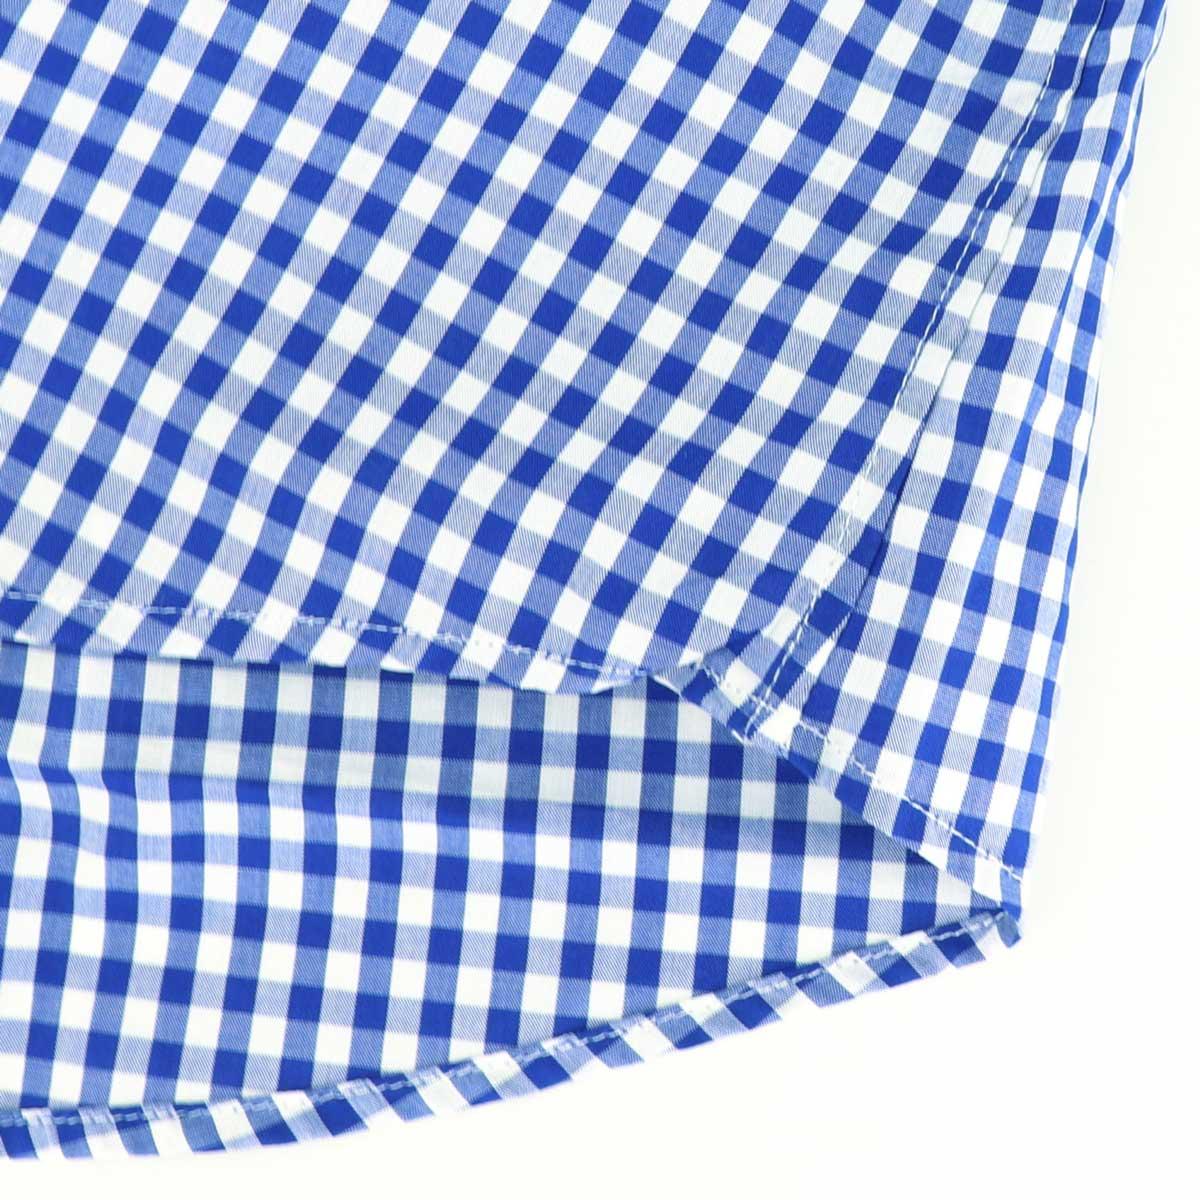 ブロード ギンガムチェック ボタンダウンシャツ(BLUE)